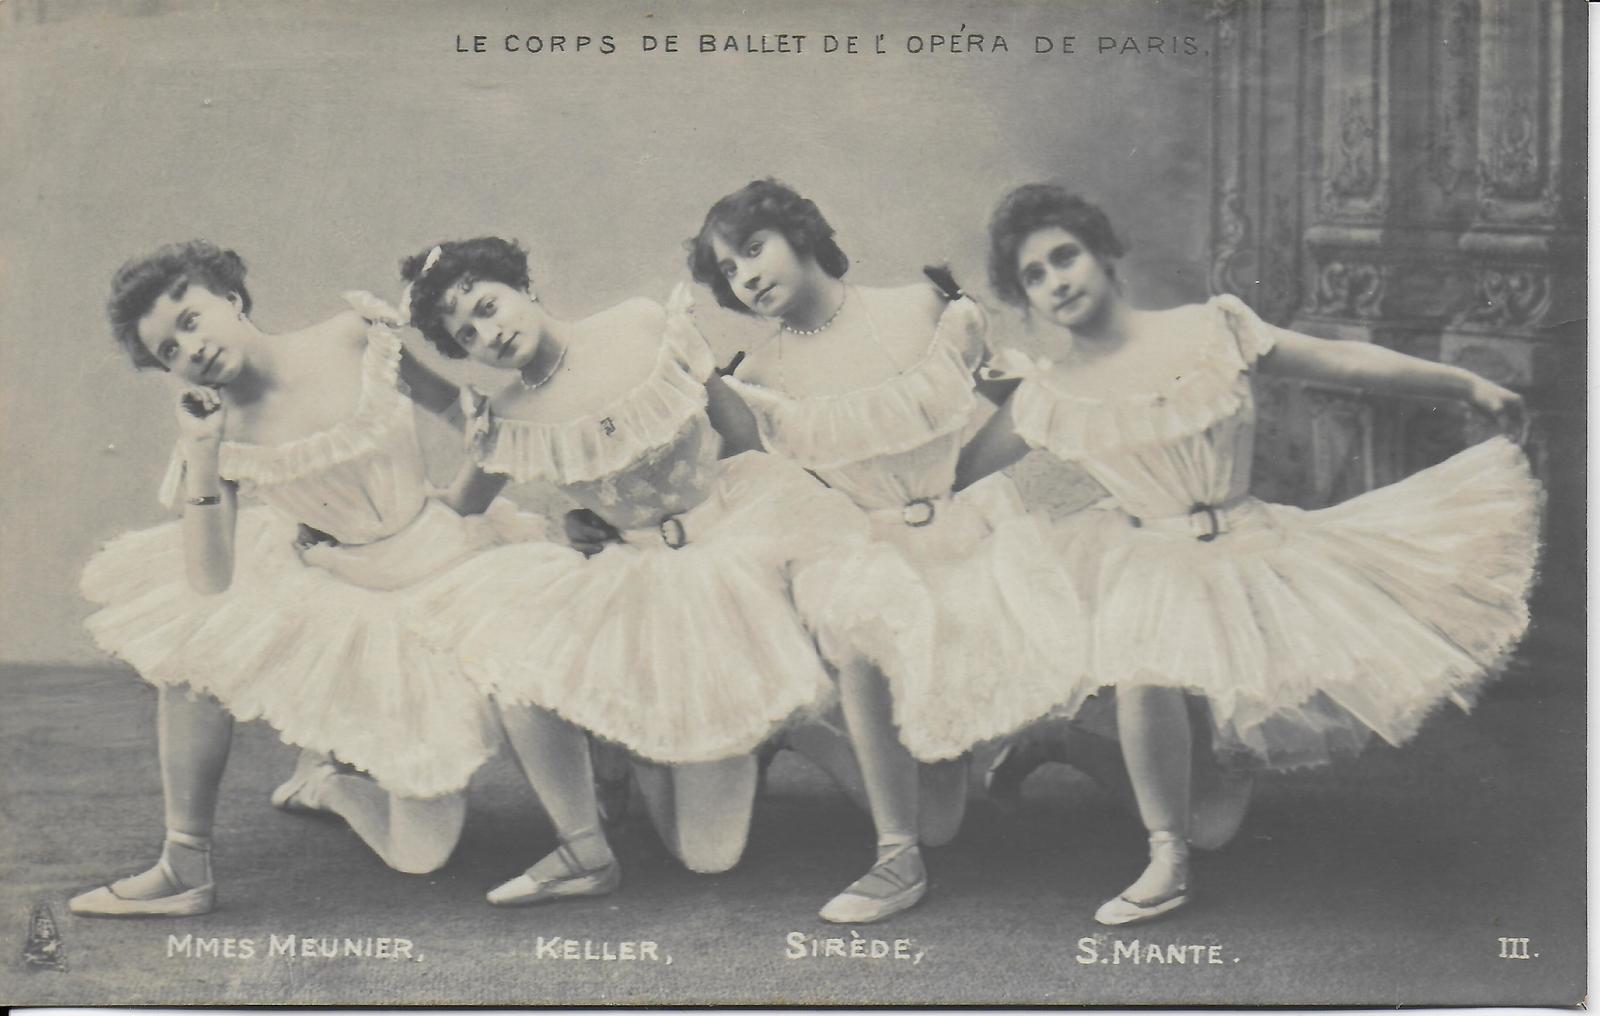 Paris -  Le corps de ballet de l'Opéra : MMes Meunier, Keller, Sirède, S. Mante - III Série 291 Raphaël Tuck & Fils, Editeurs